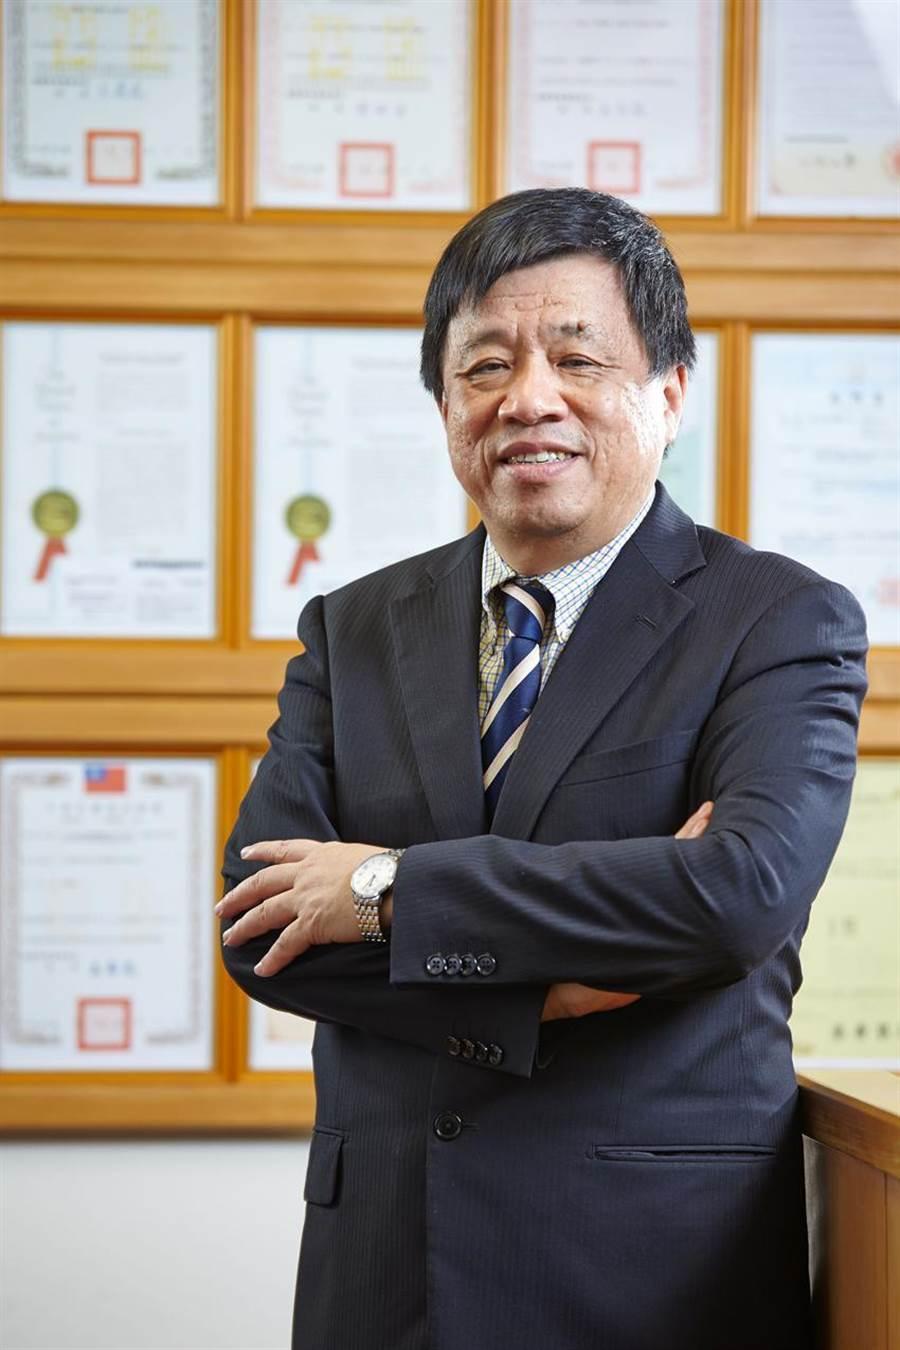 (尖端醫董事長蘇文龍:衝刺抗癌細胞治療,攜萬芳醫院提特管申請。圖/尖端醫提供)